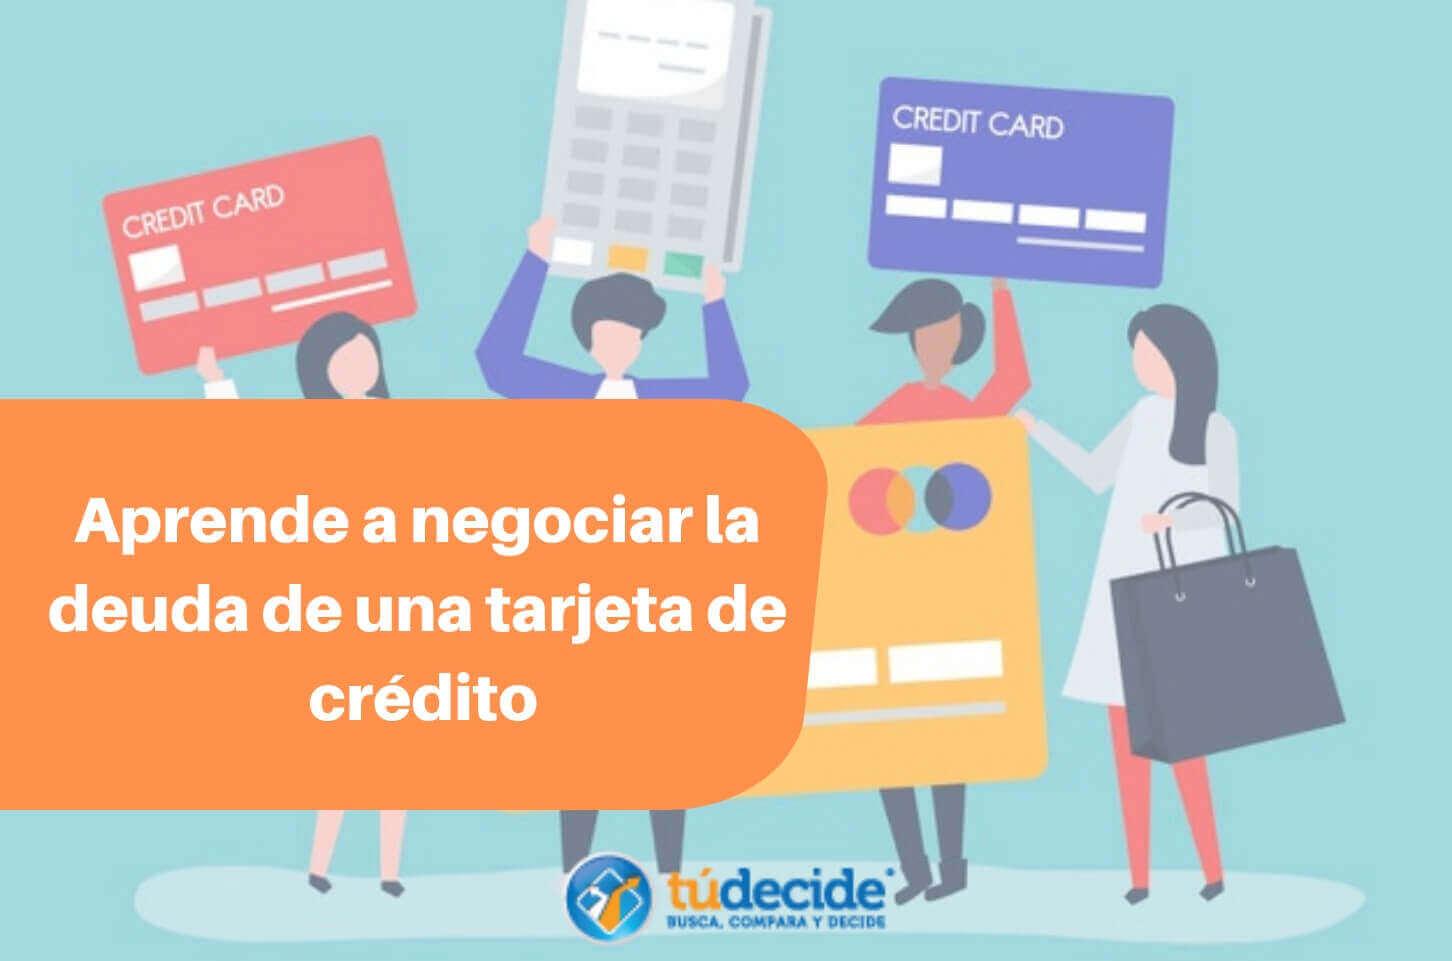 negociar la deuda de una tarjeta de crédito